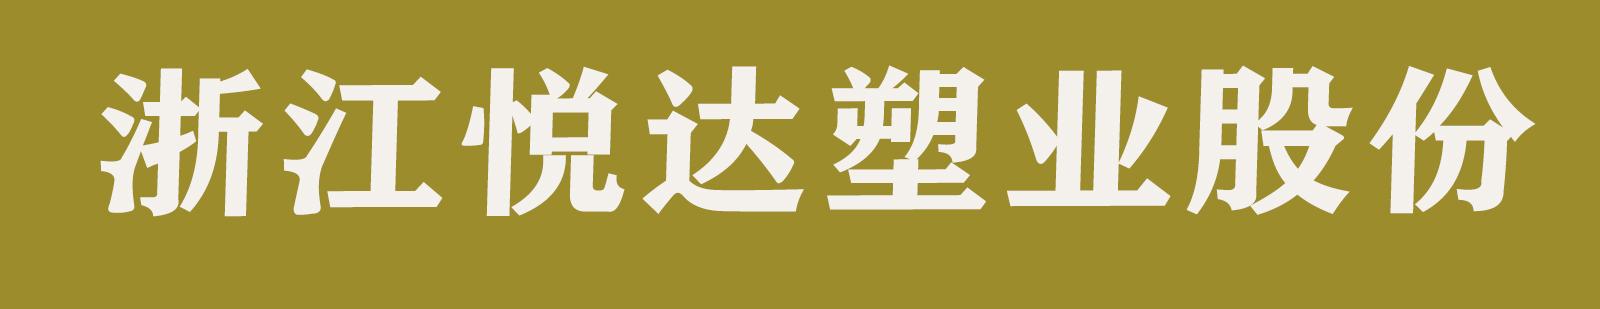 浙江悦达塑业股份有限公司